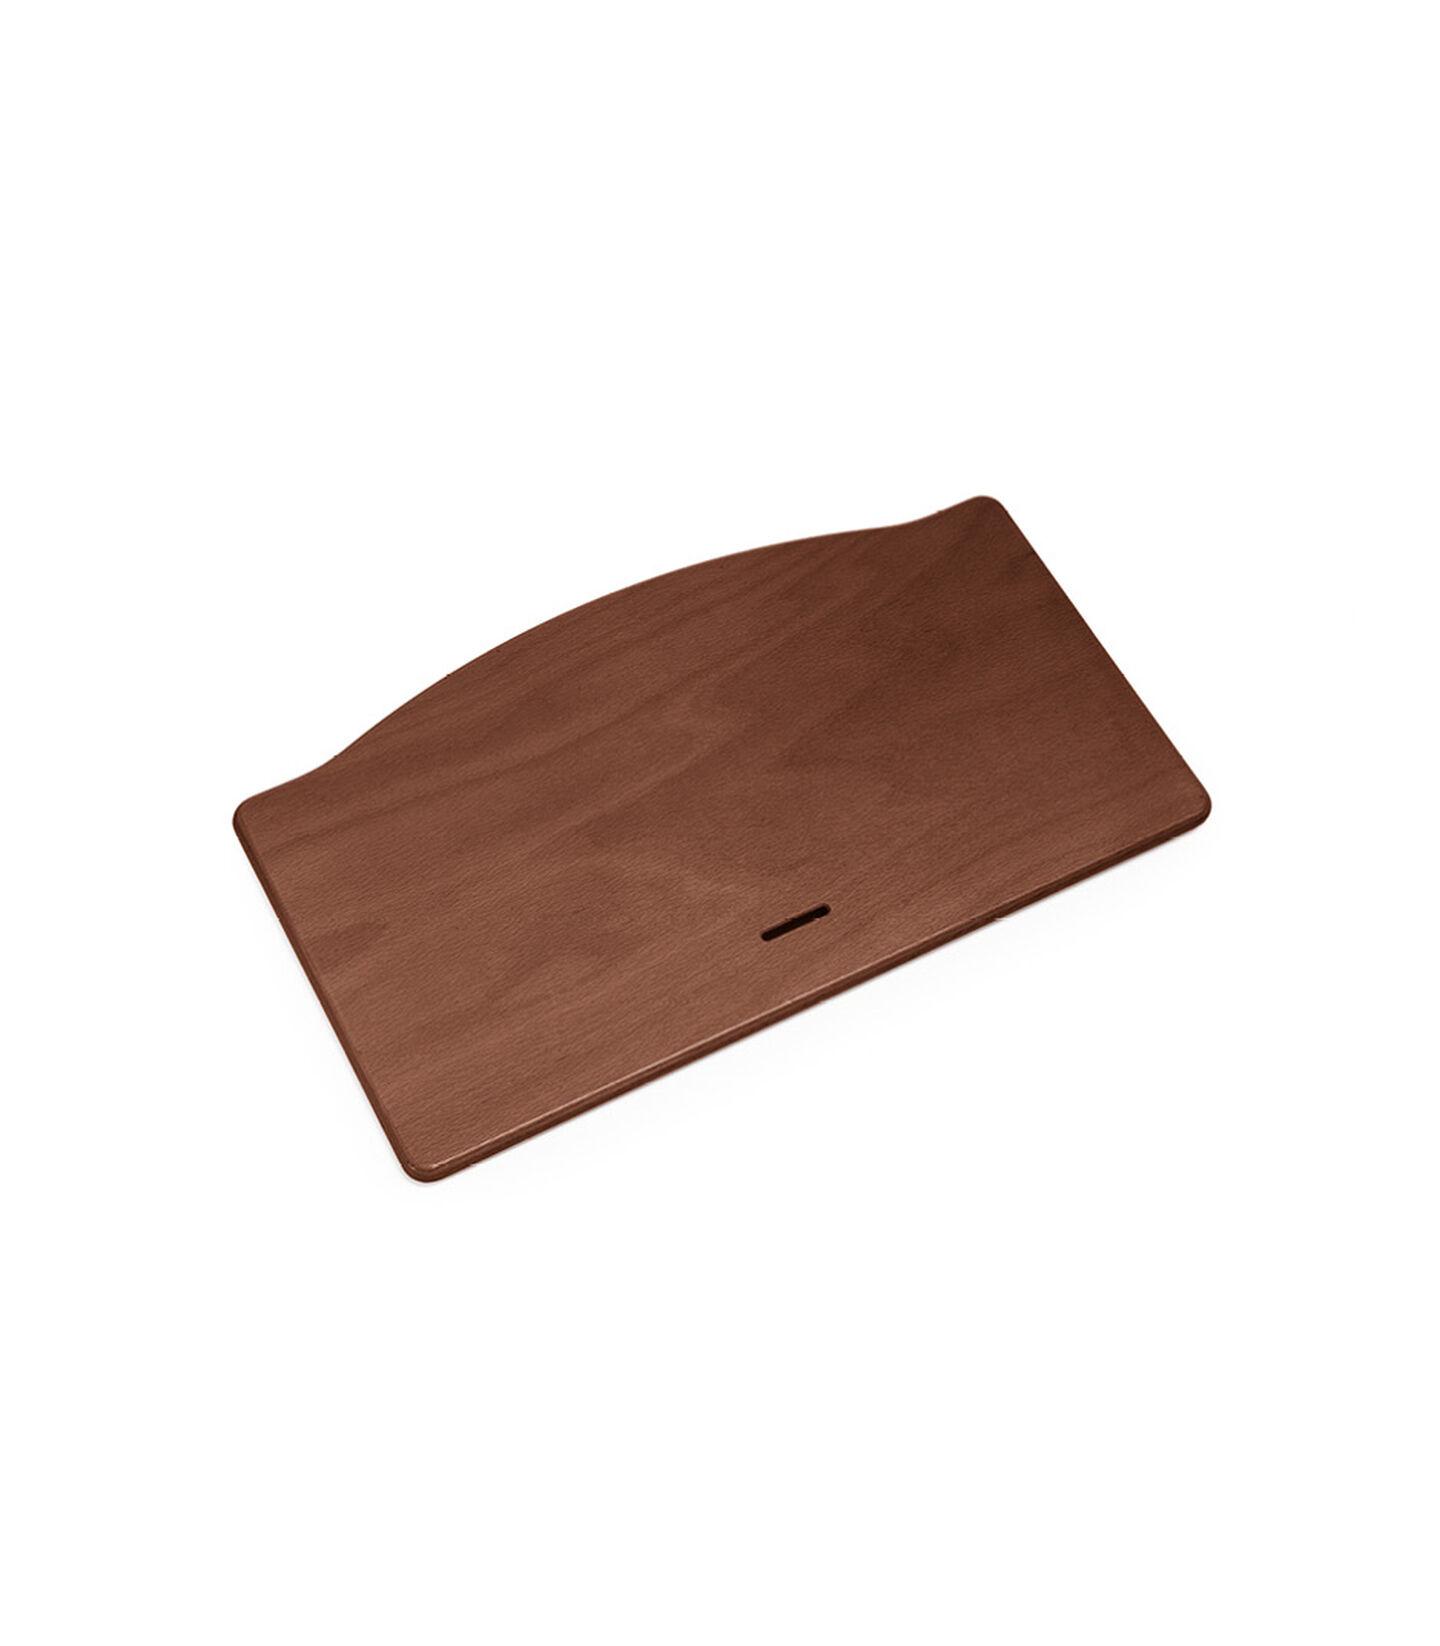 Tripp Trapp® Sitzplatte Walnut Brown, Walnut, mainview view 2